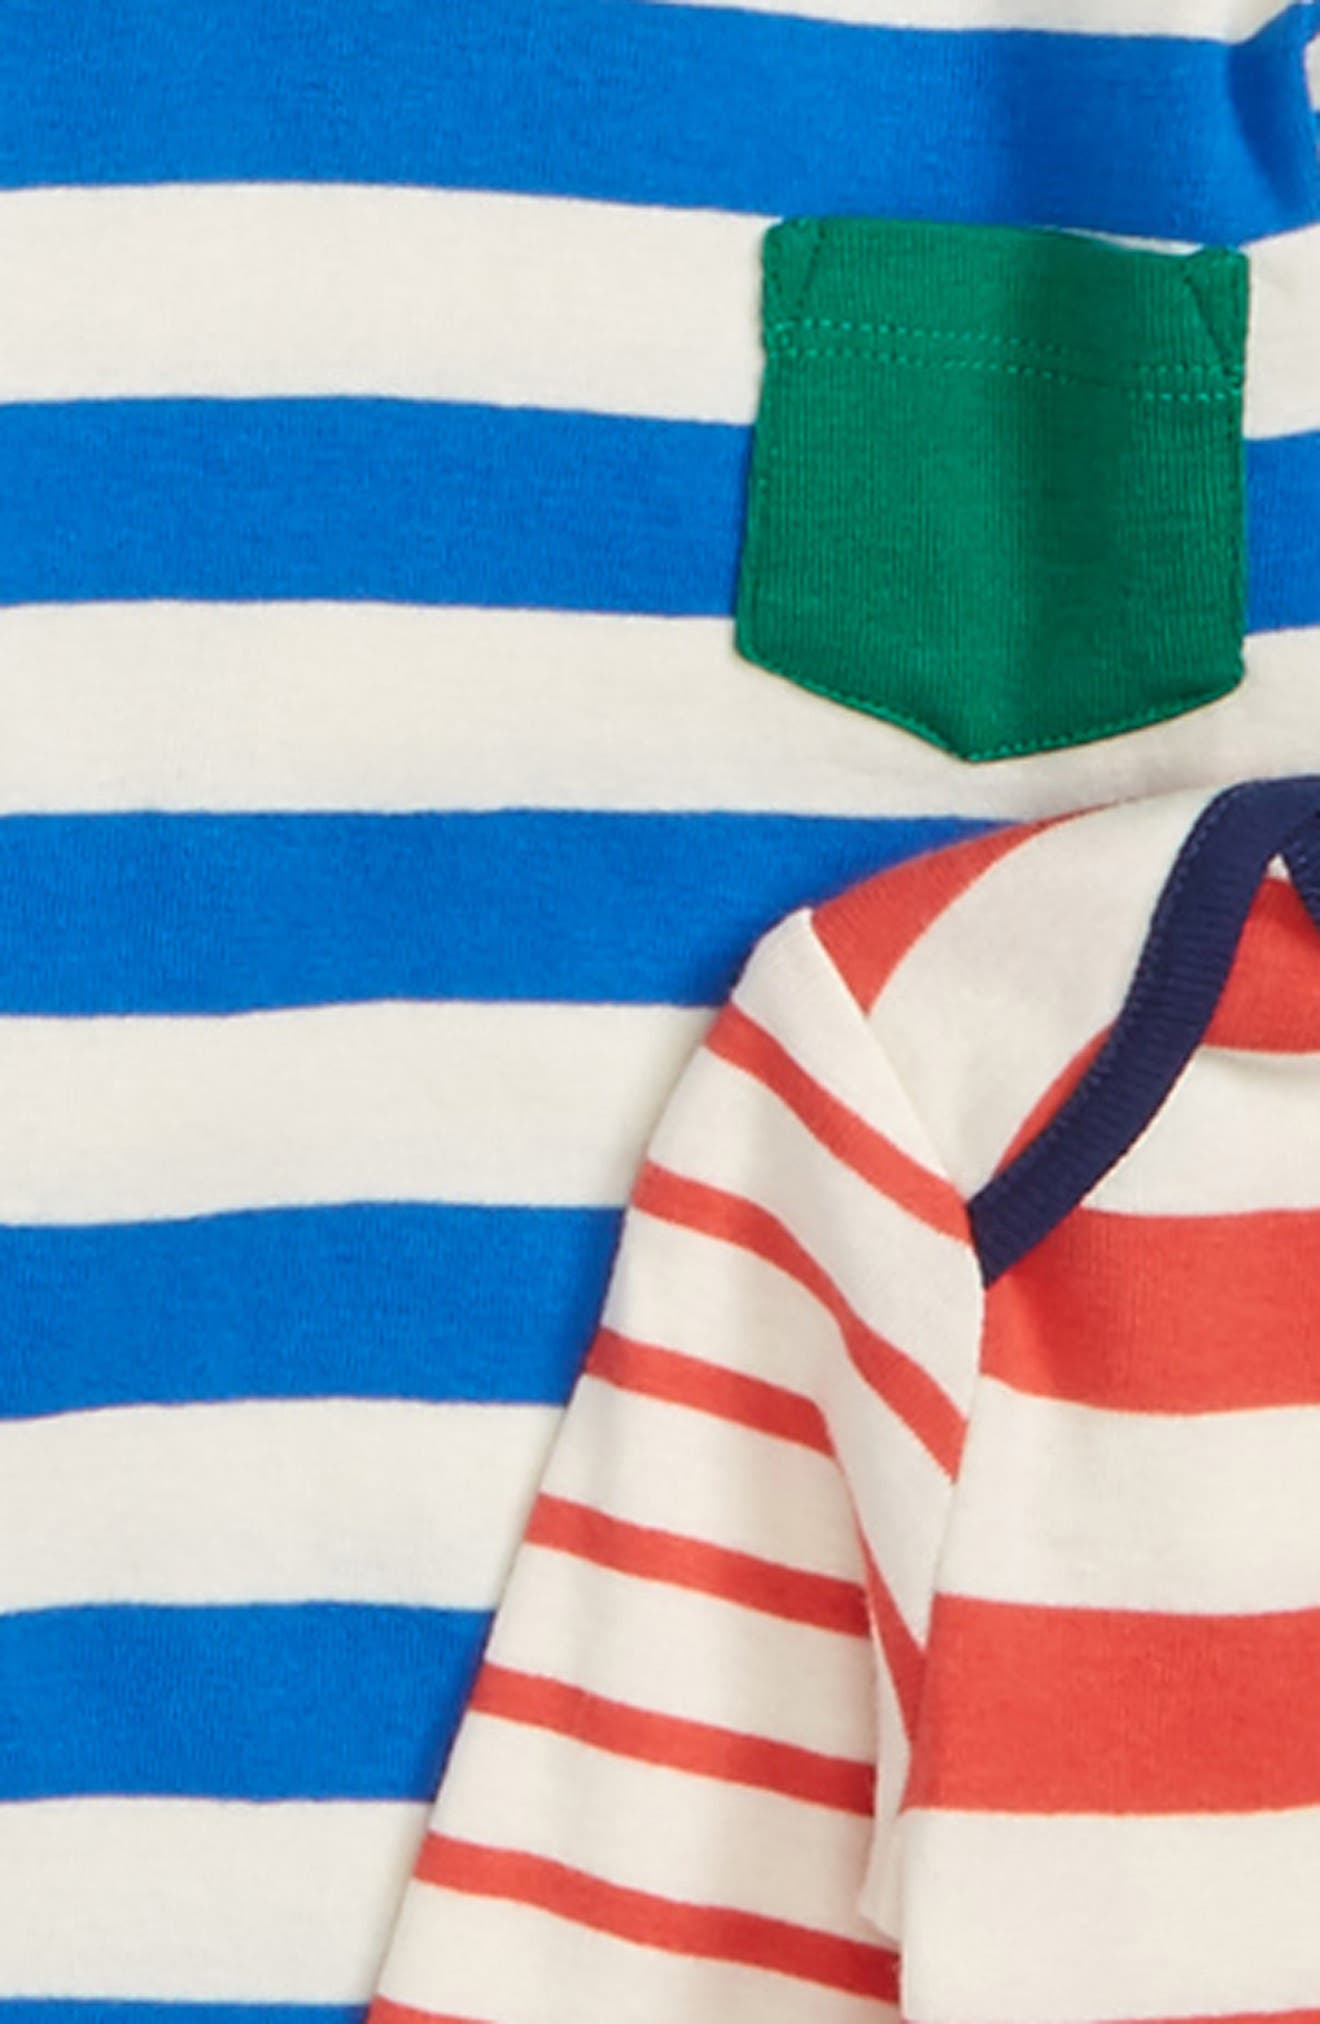 Stripy 5-Pack Cotton Bodysuits,                             Alternate thumbnail 2, color,                             491